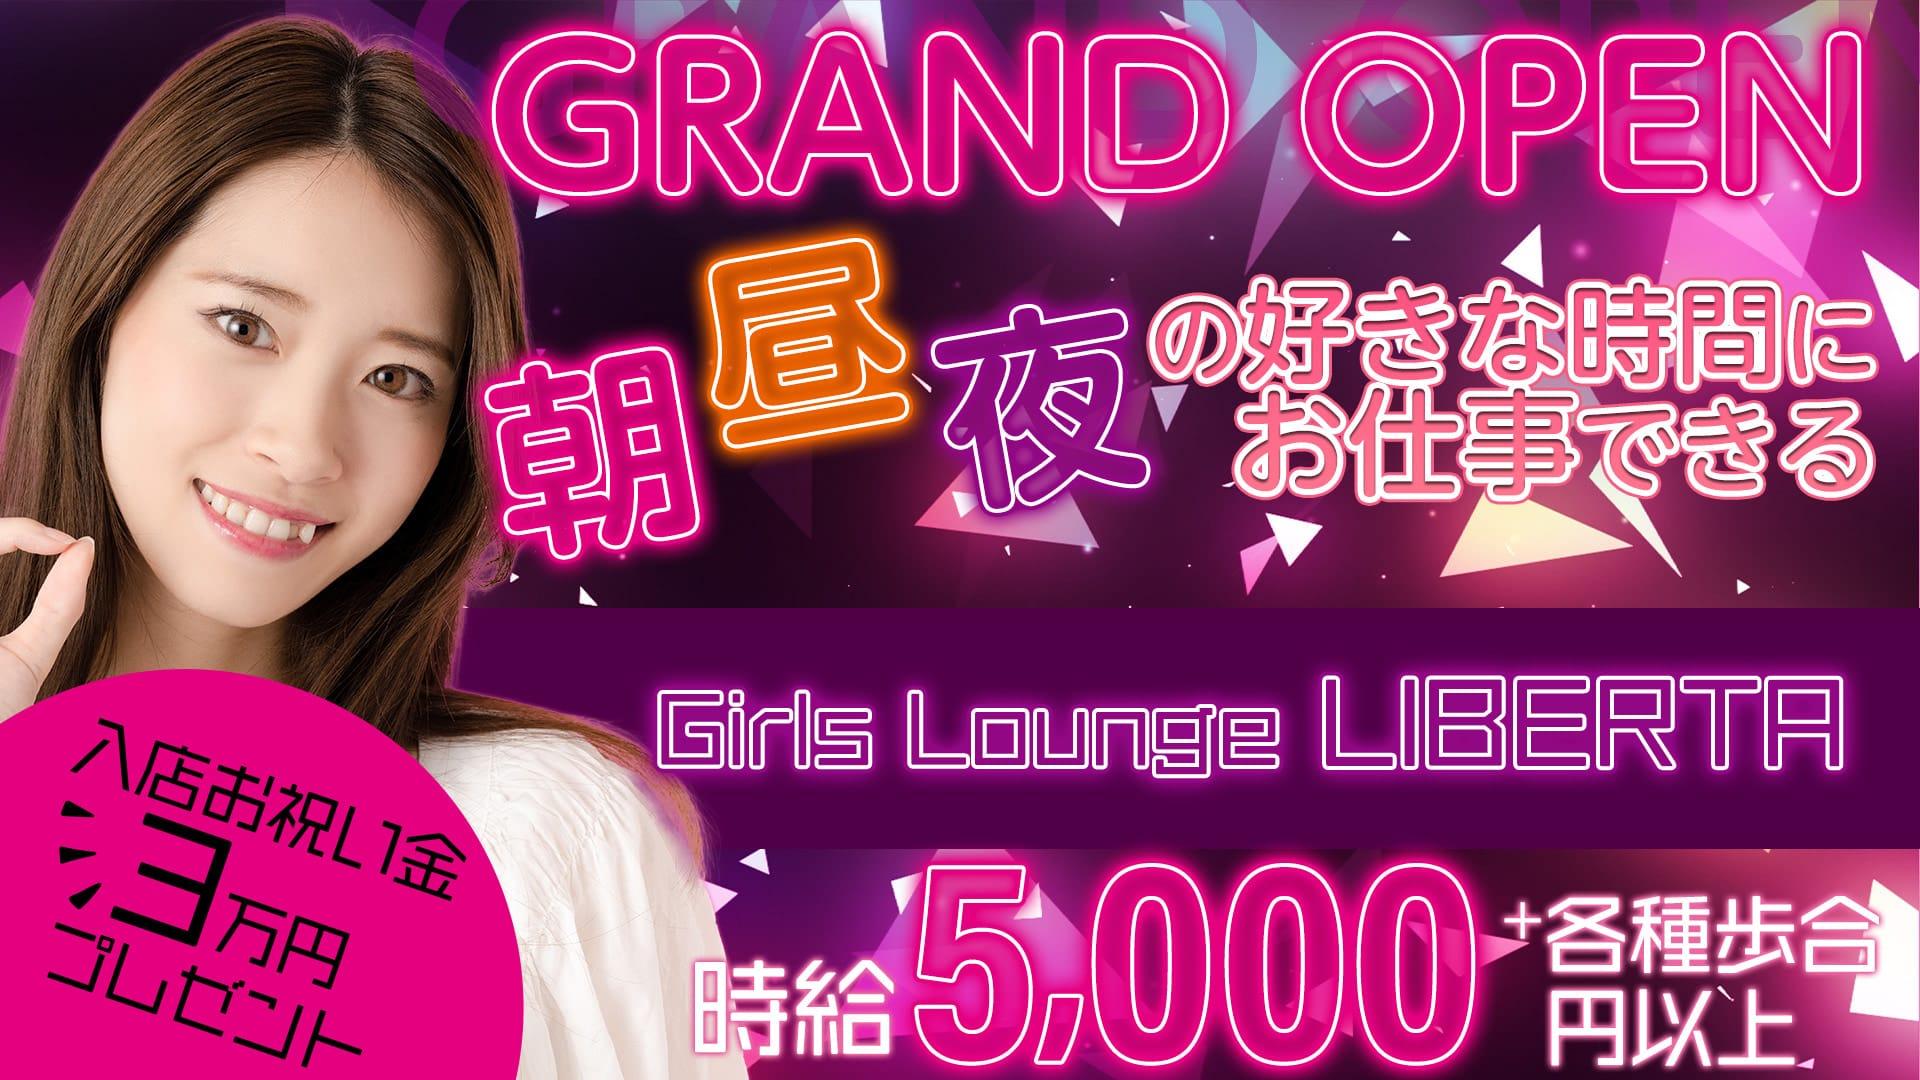 【朝昼&夜】Girls Lounge LIBERTA(リベルタ)【公式求人・体入情報】 花畑町ガールズラウンジ TOP画像